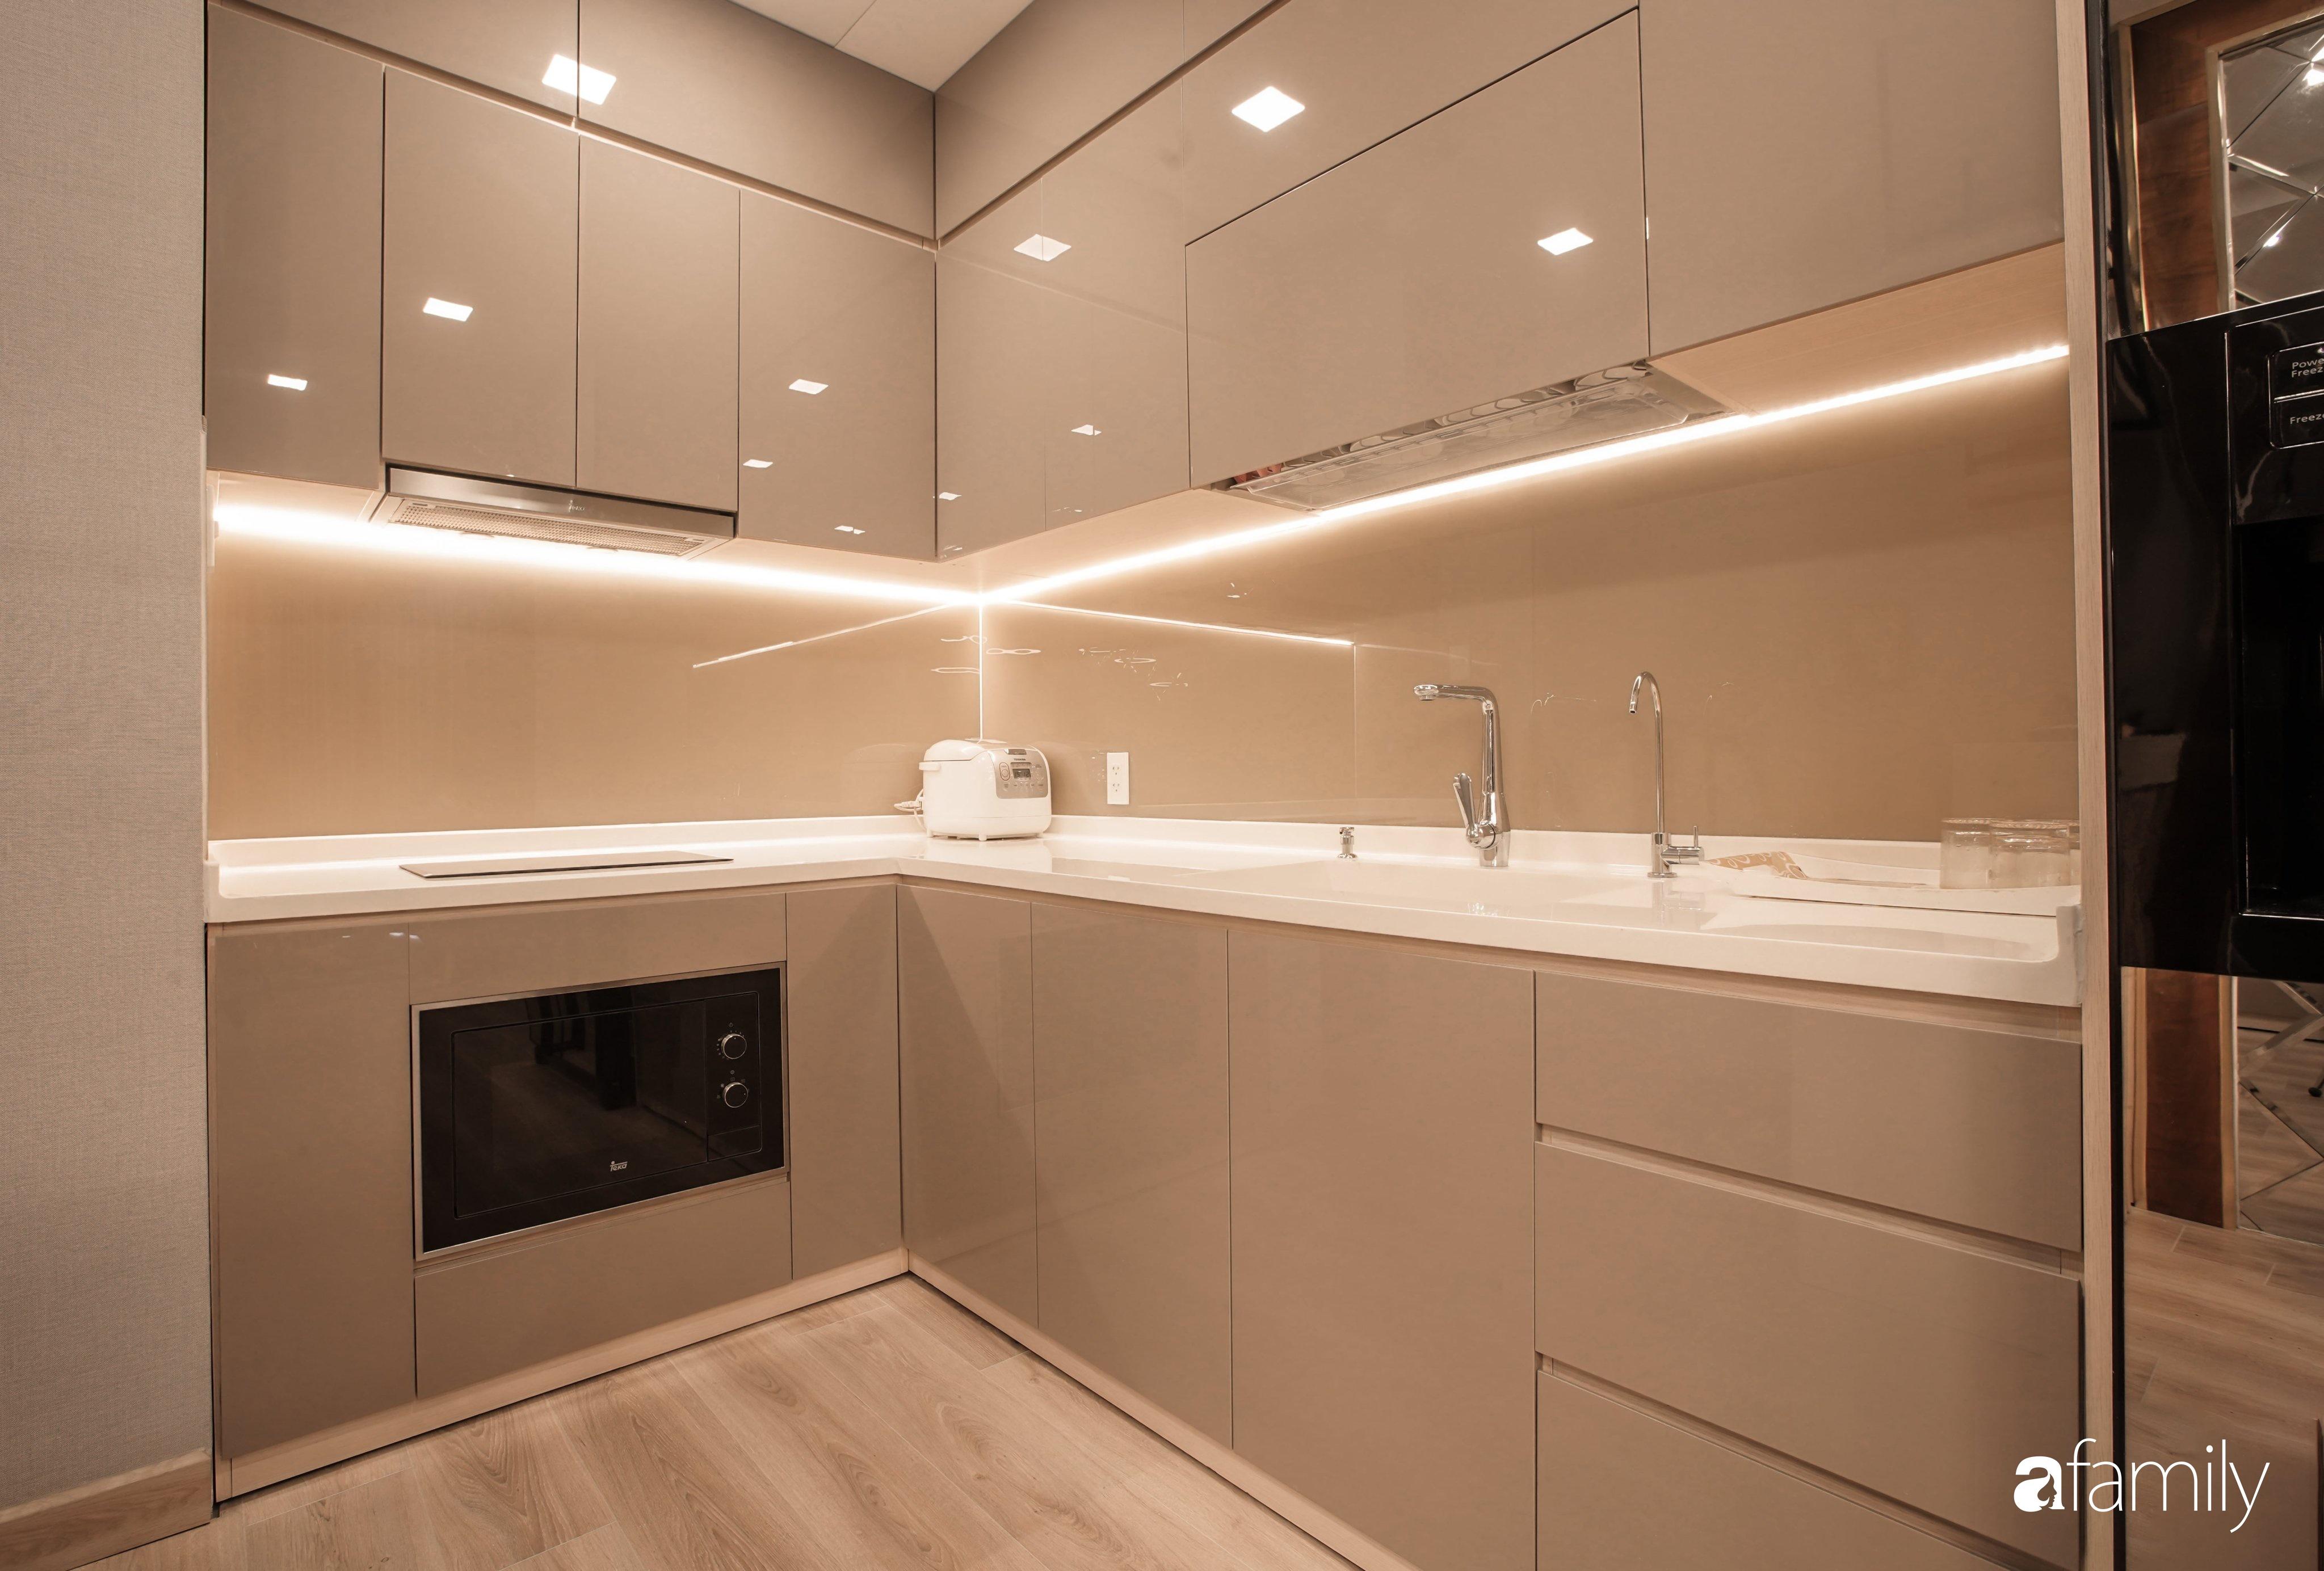 Căn hộ 65m² vẫn rộng rãi và sang trọng nhờ thiết kế mở bằng vách kính kết hợp ánh sáng hài hòa ở TP HCM - Ảnh 6.